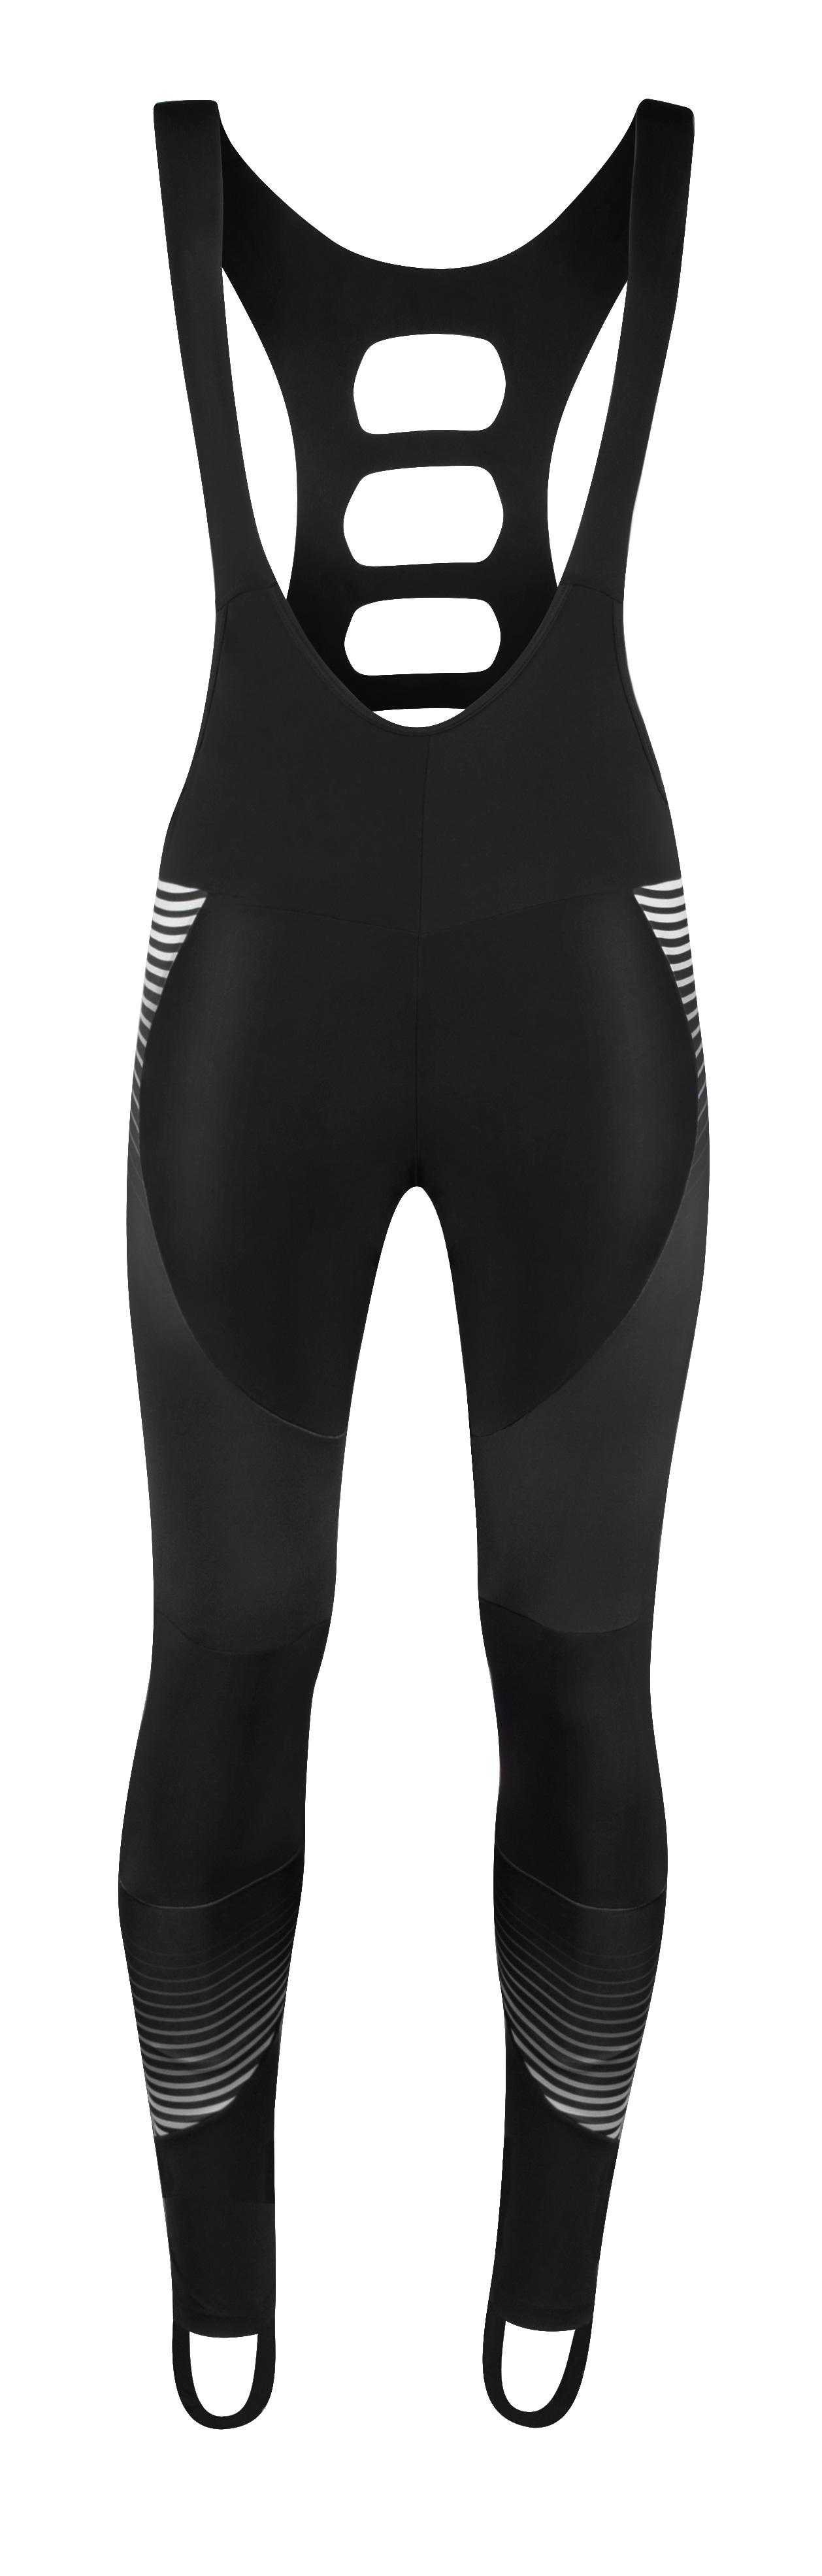 kalhoty FORCE DRIFT WIND se šráky bez vložky,černé XL